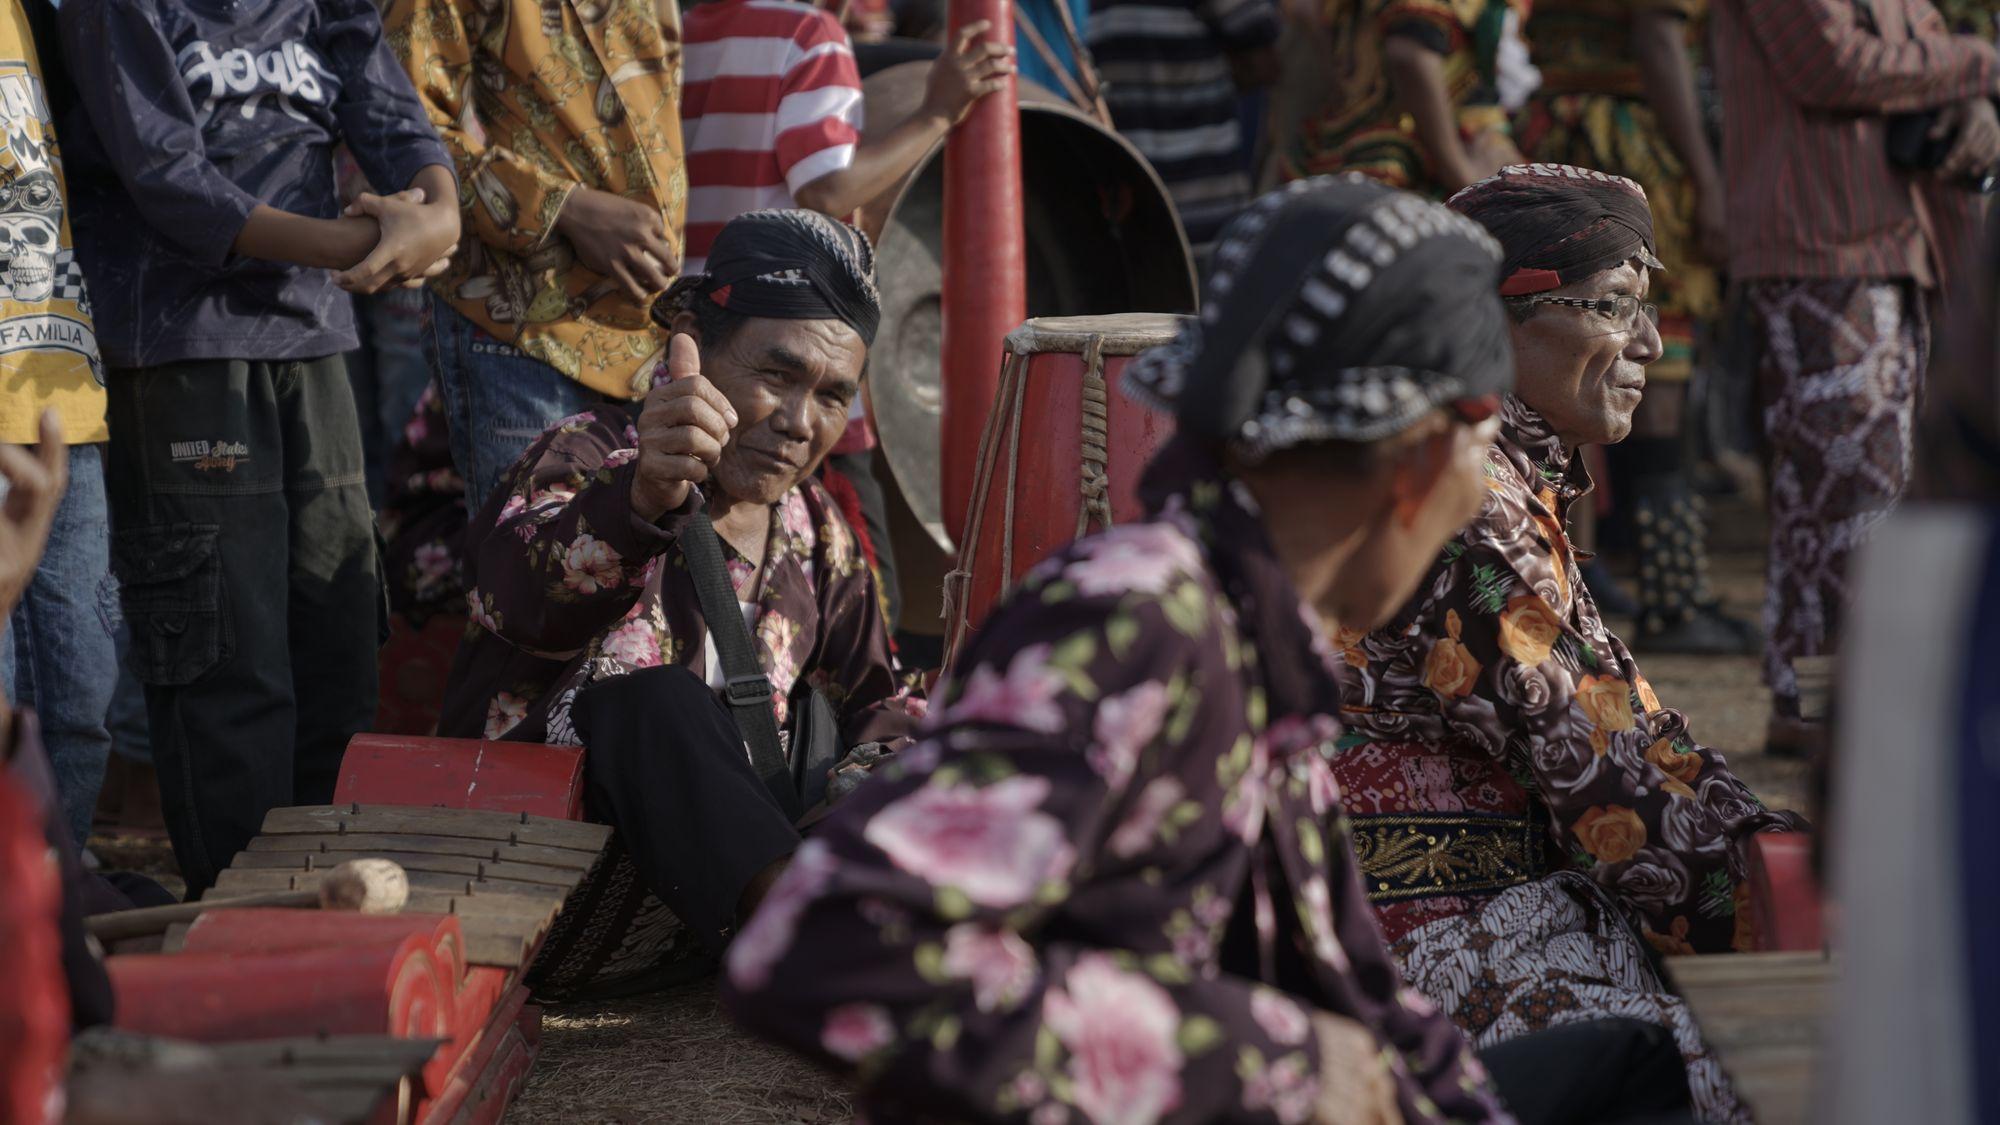 Fenomena Artis Bangga Berbahasa Jawa, Lantas Mengapa Kita Mesti Malu?